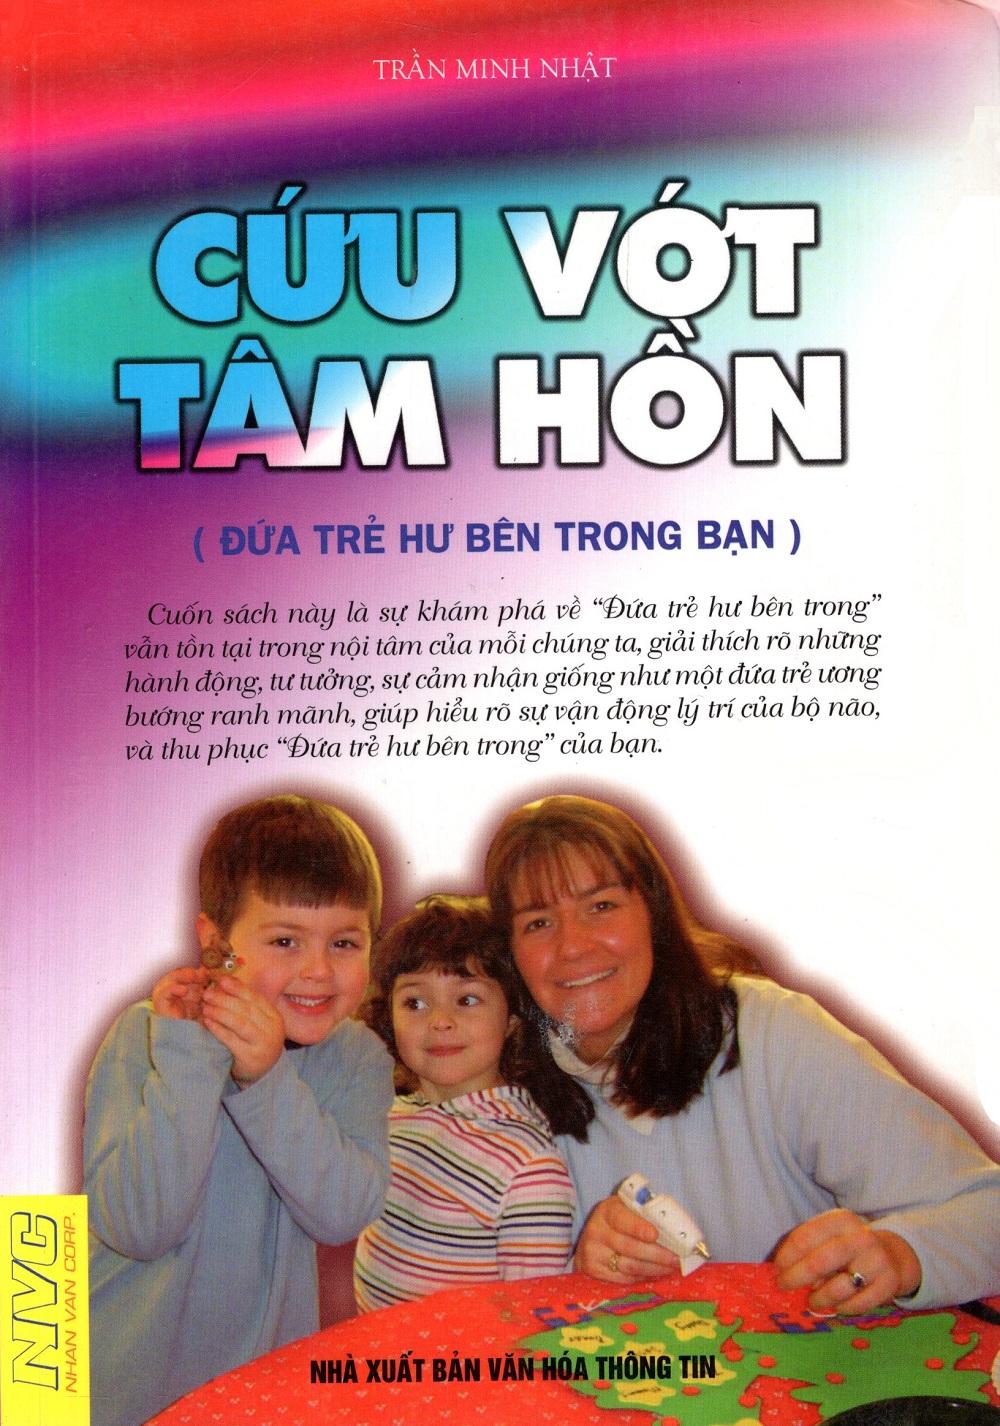 Bìa sách Cứu Vớt Tâm Hồn (Đứa Trẻ Hư Bên Trong Bạn)